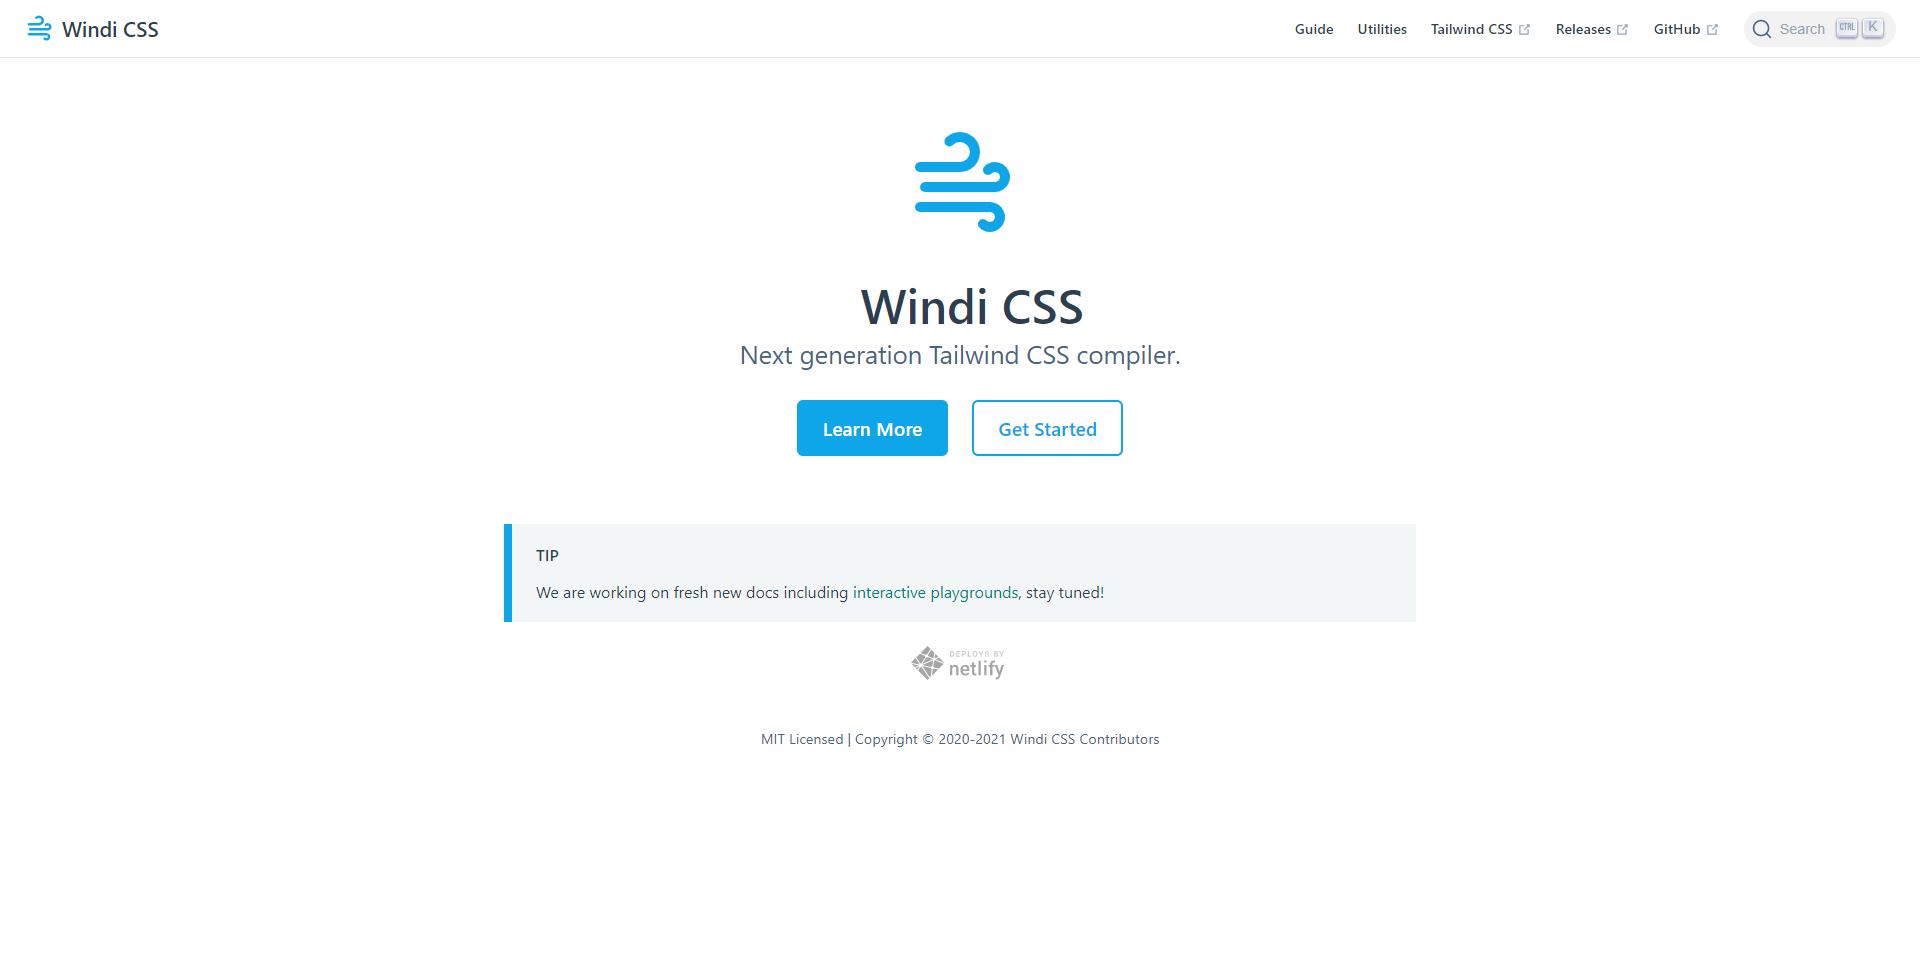 Windi CSS landing page